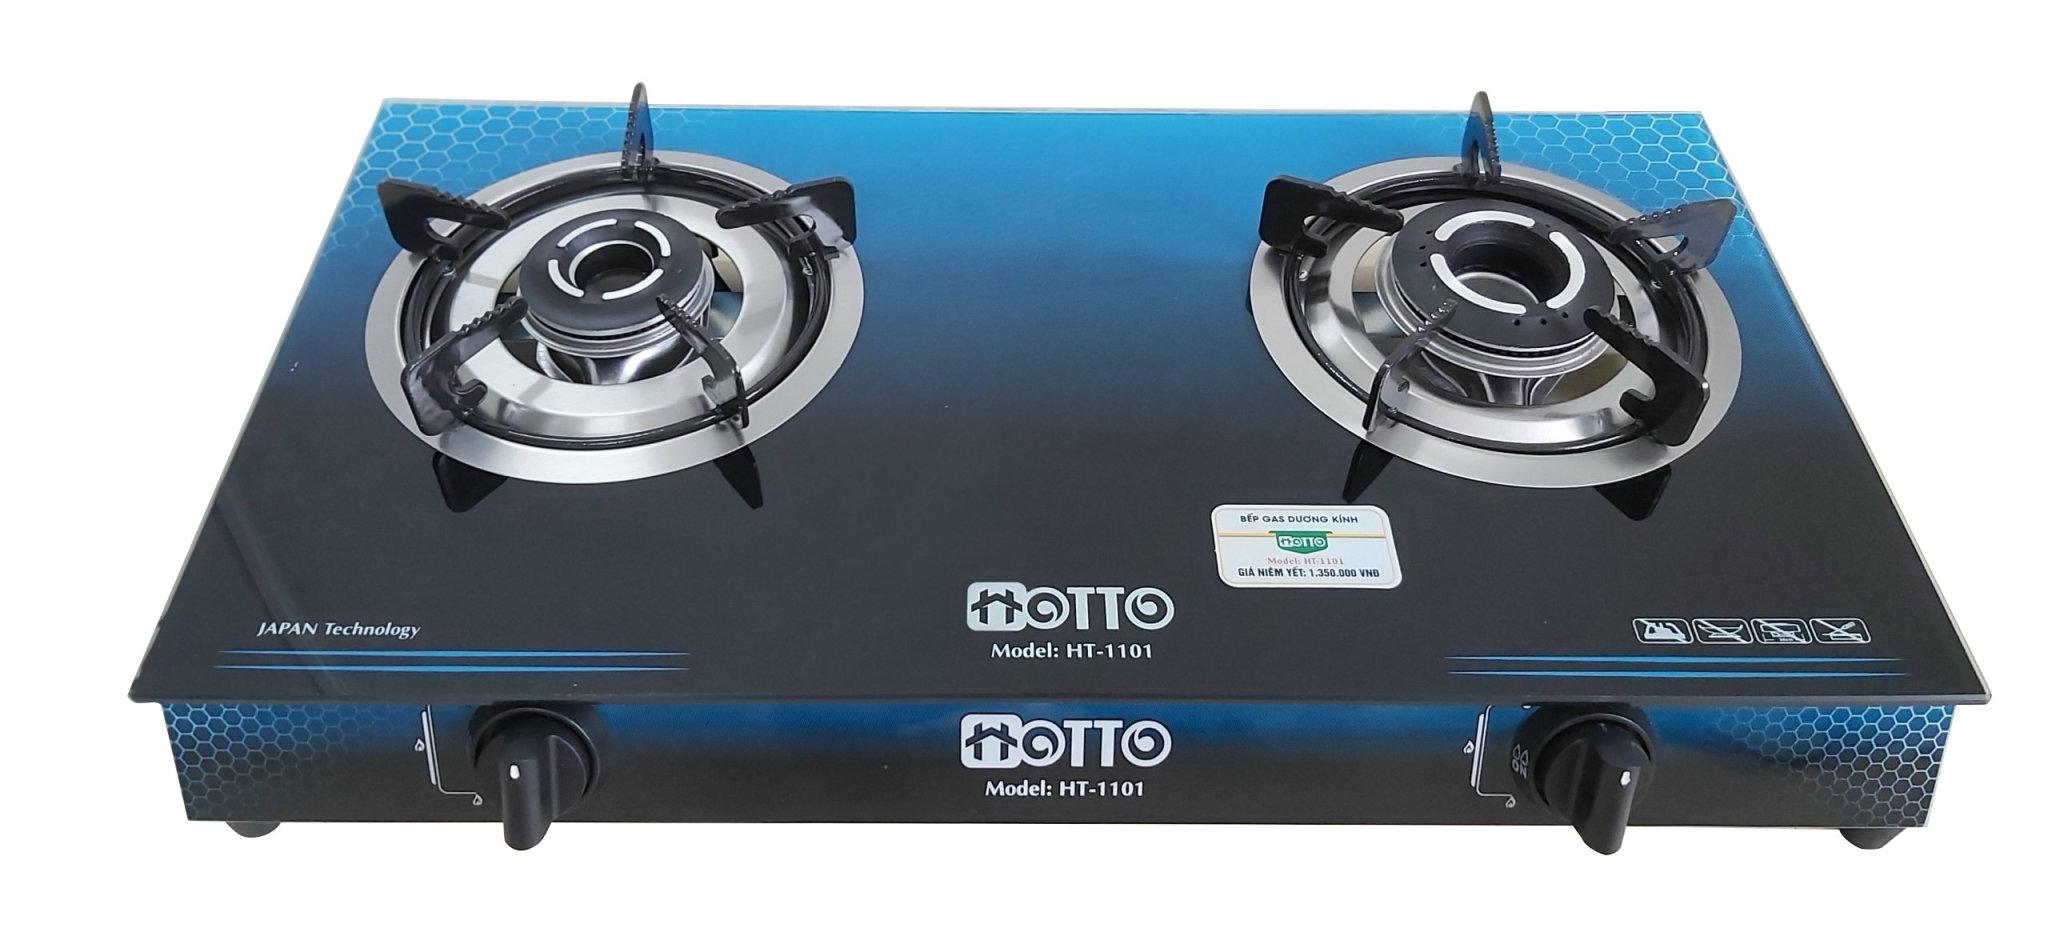 Bếp gas dương kính HOTTO model HT-1101